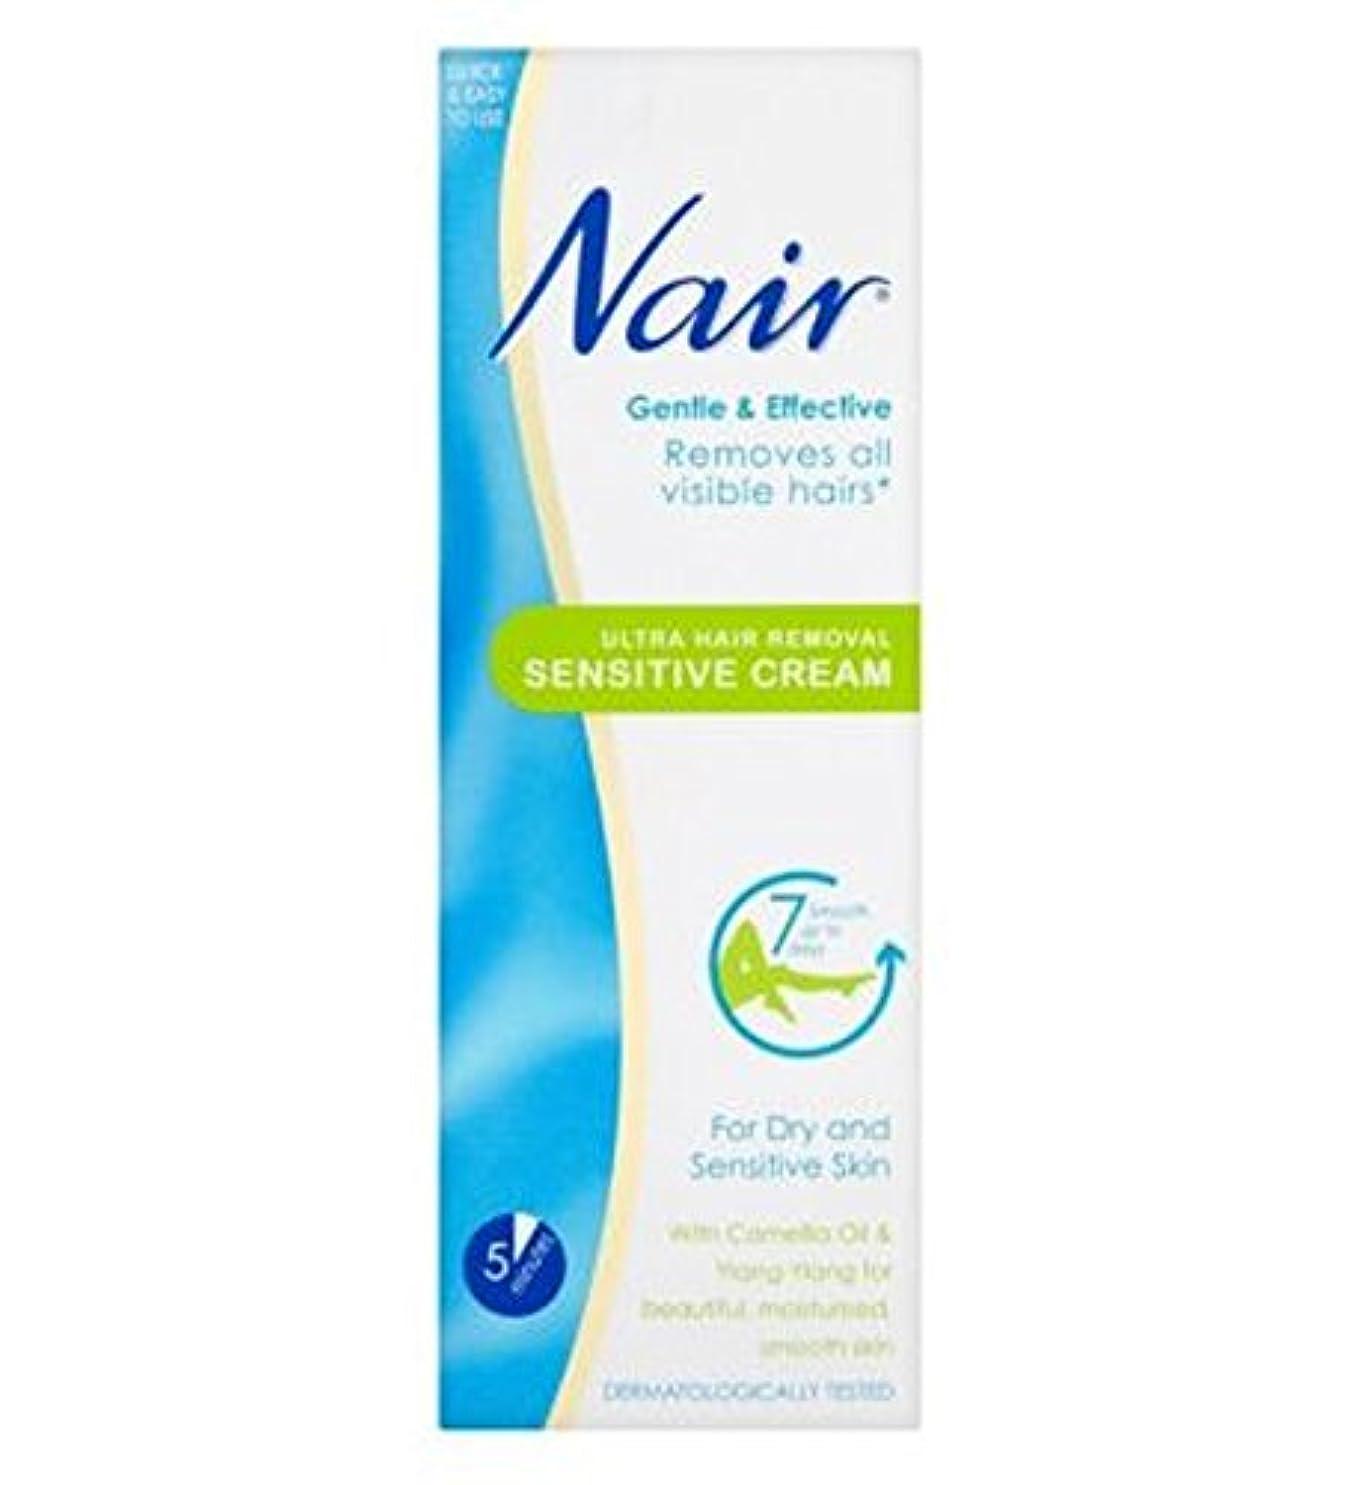 葡萄スポーツをするグリップNair Sensitive Hair Removal Cream 200ml - Nairさん敏感な脱毛クリーム200ミリリットル (Nair) [並行輸入品]